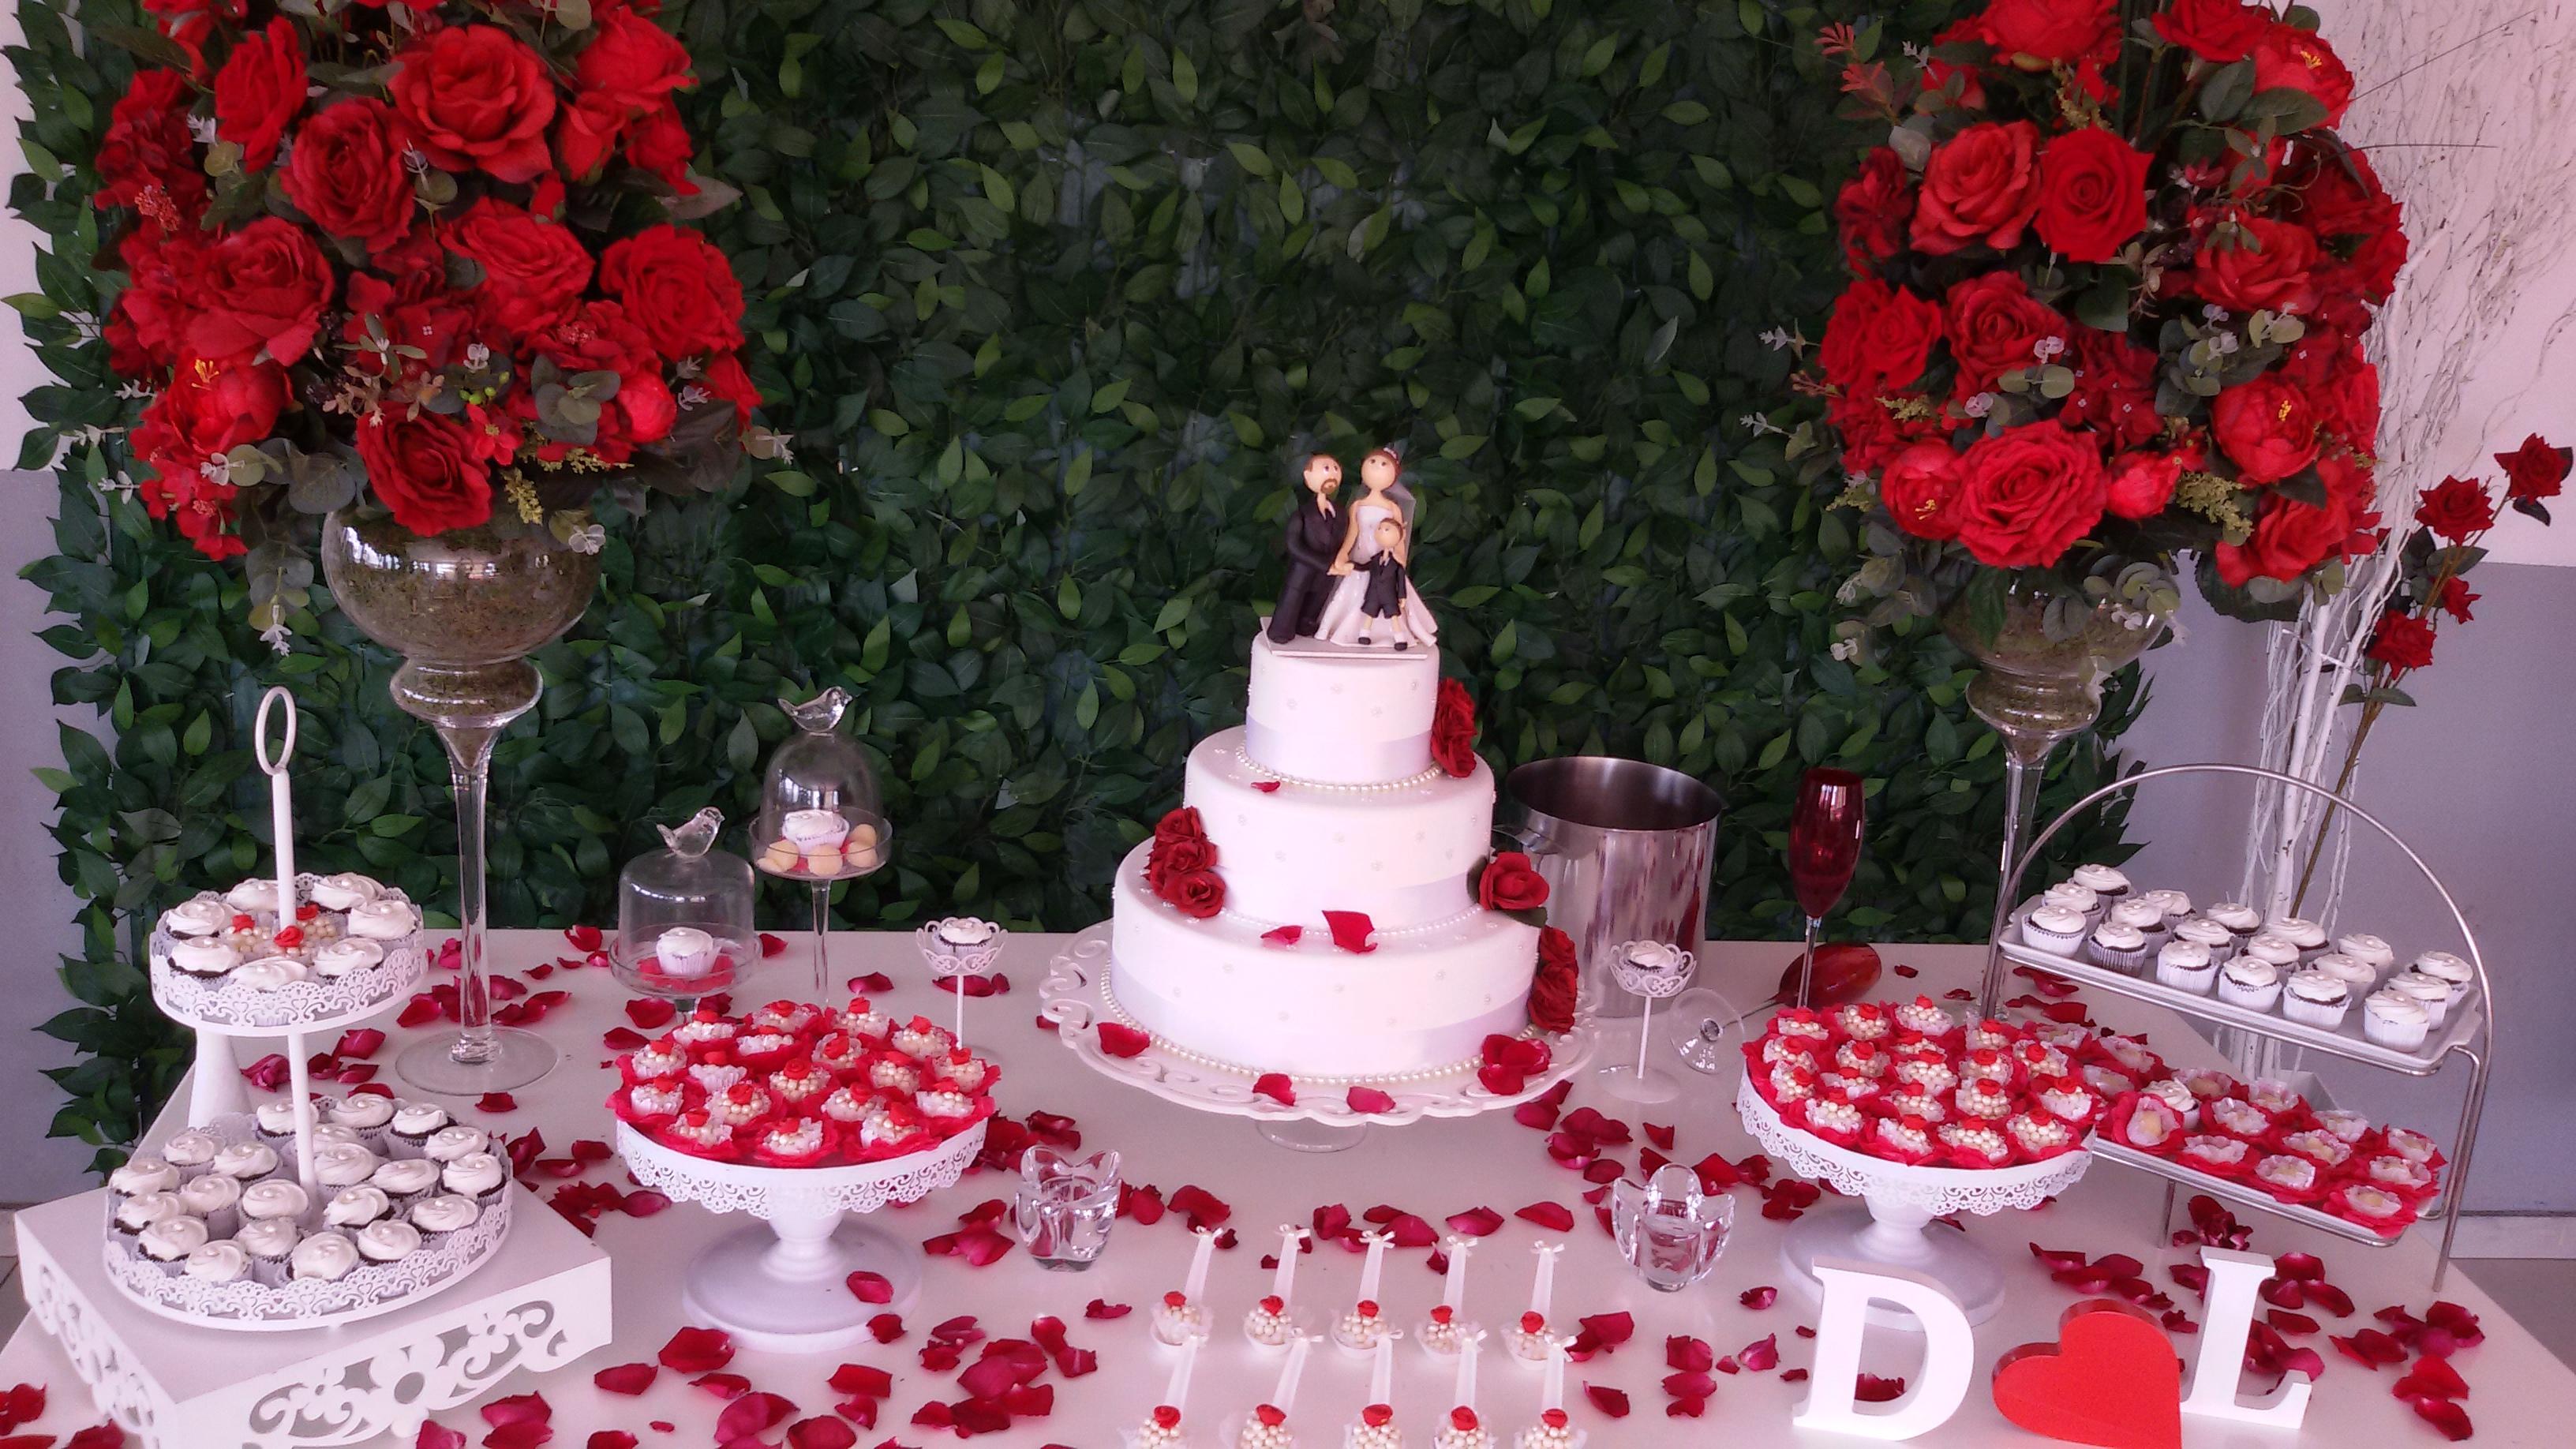 Decoração de casamento Vermerlho e branco bolo